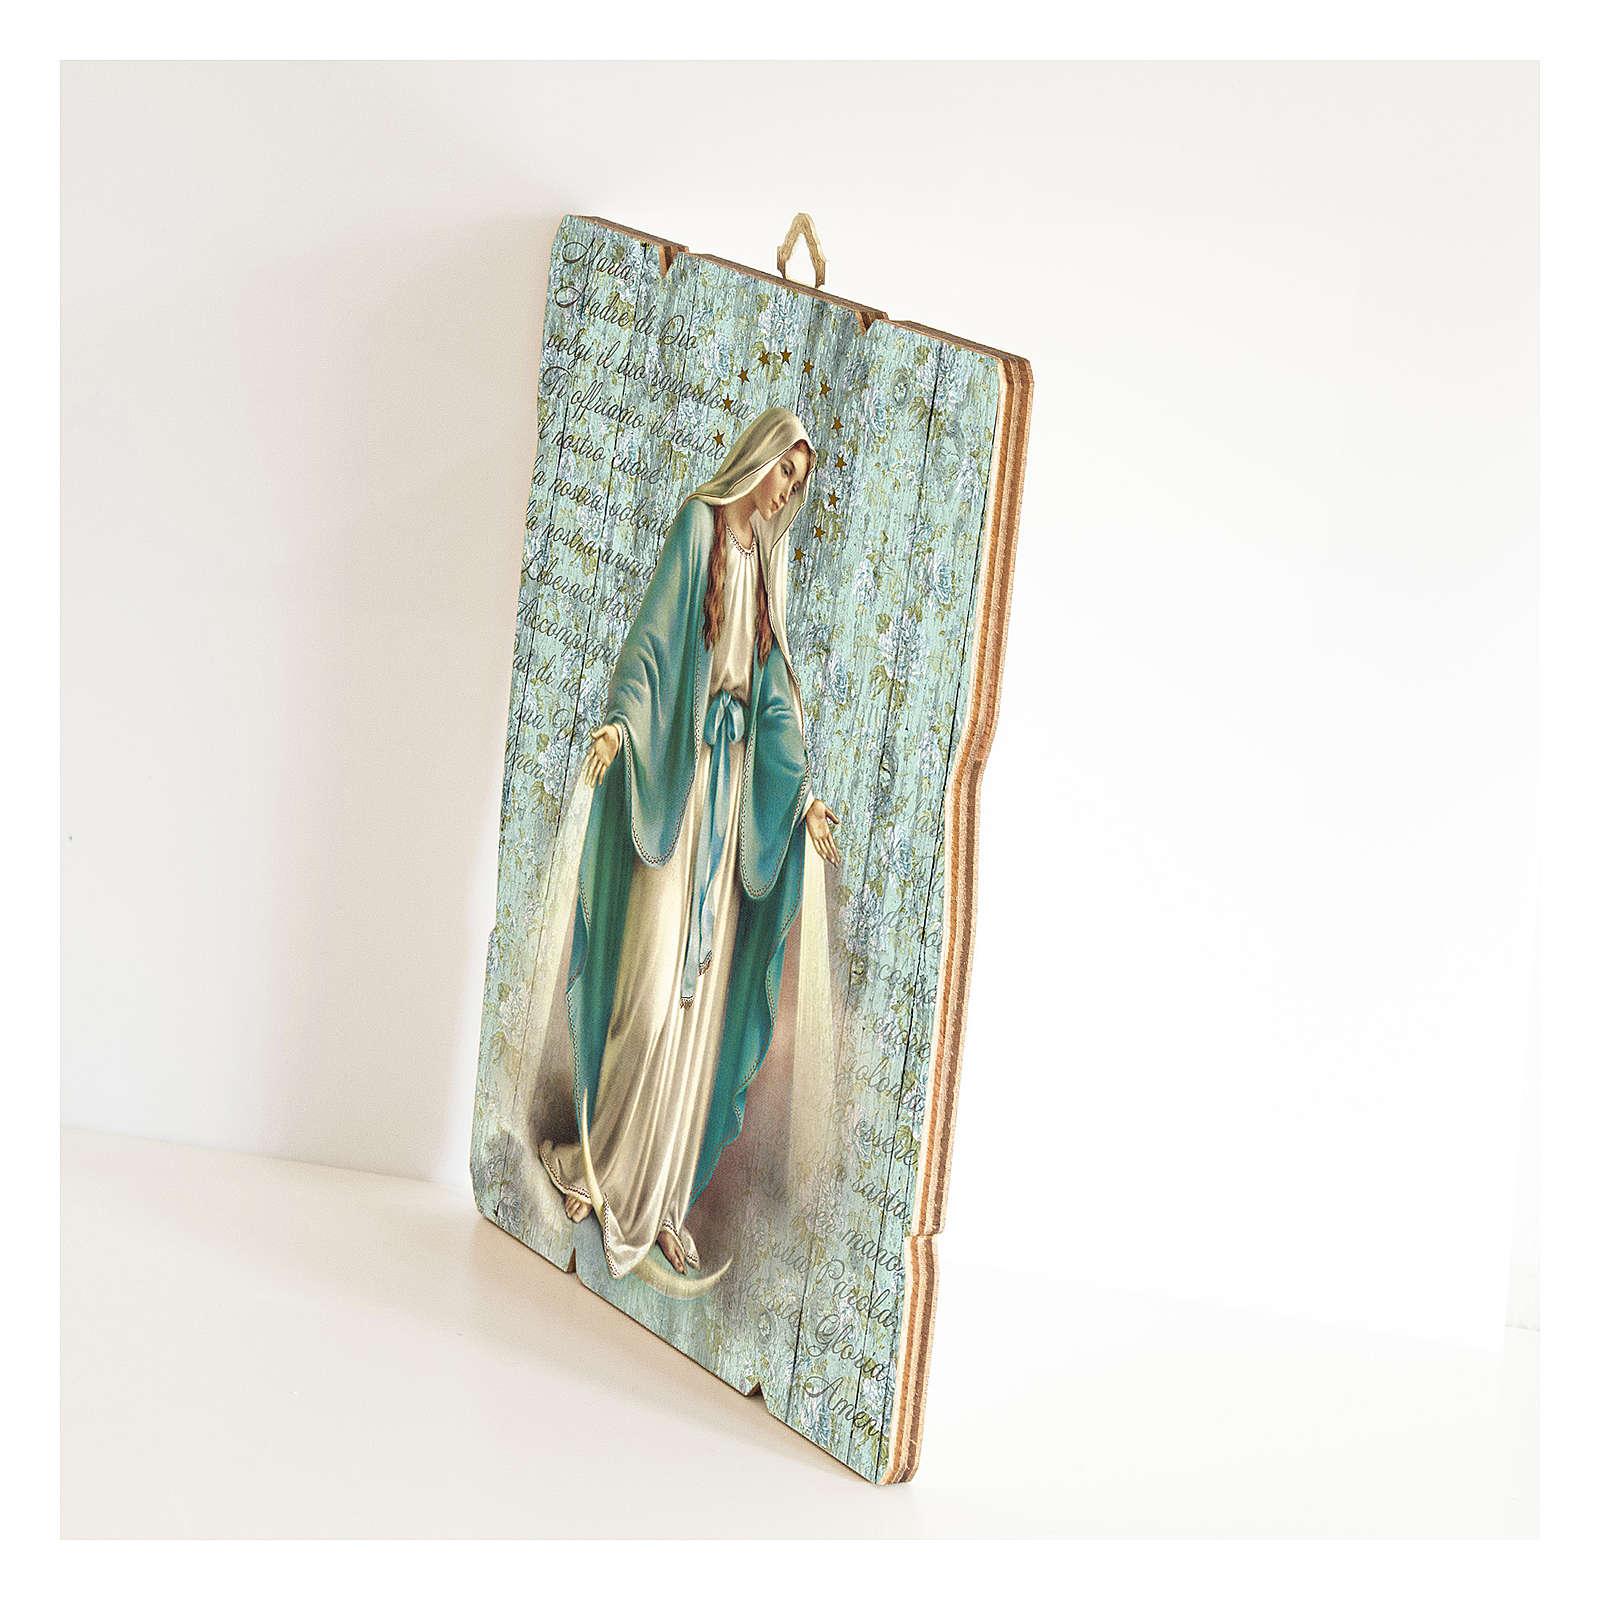 Obraz Cudowna Madonna retro drewno profilowany brzeg haczyk 3